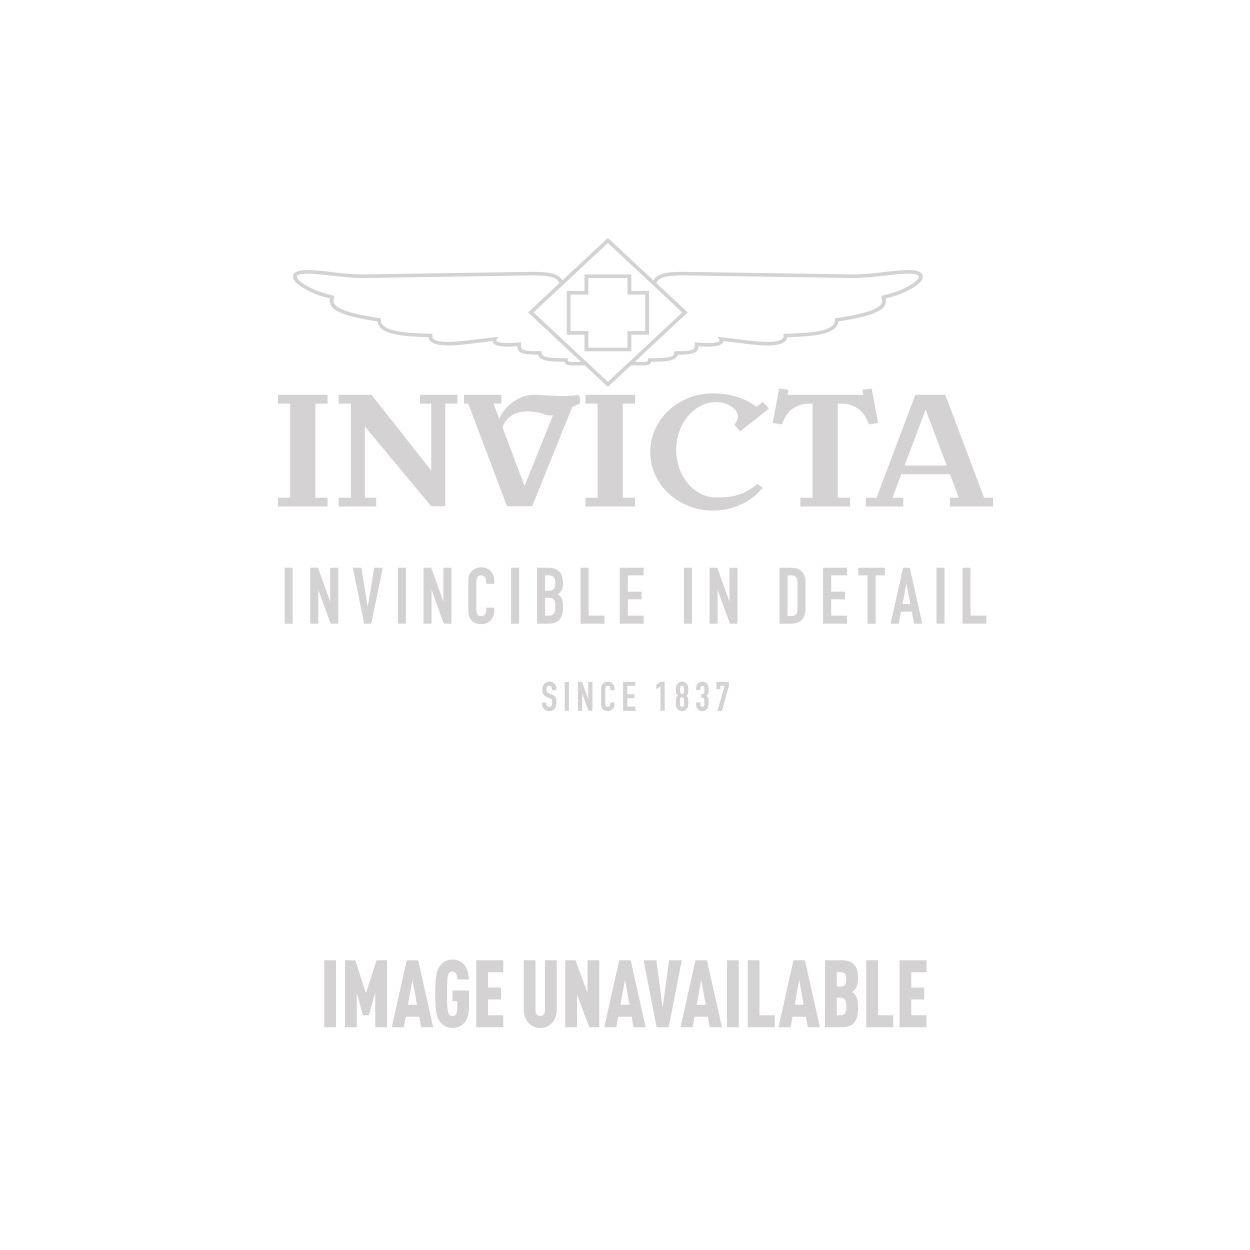 Invicta Model 22585